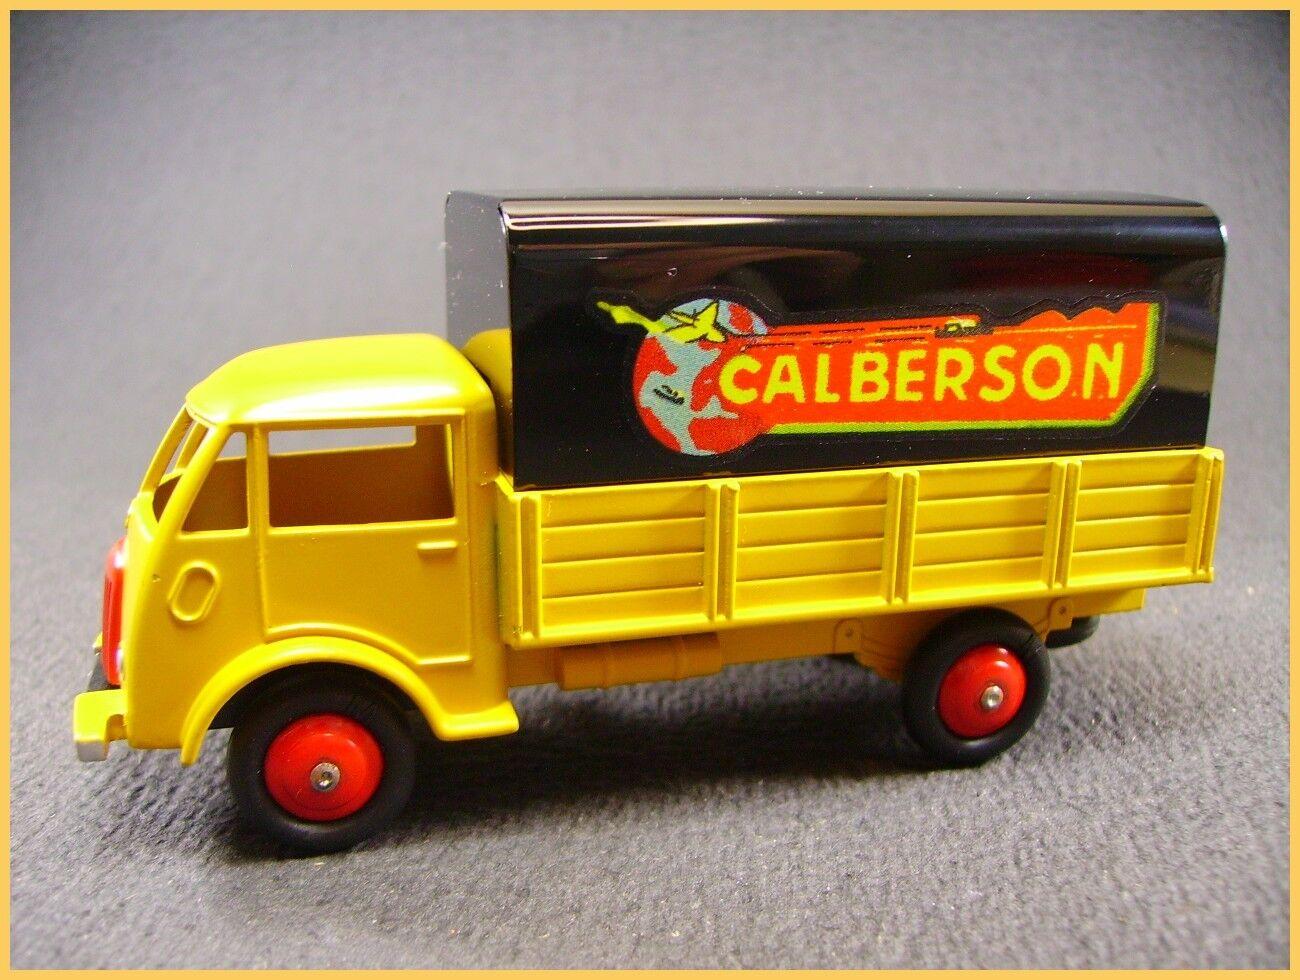 DAN-TOYS.camion FORD FORD FORD Calberson  boite 1e2ec0